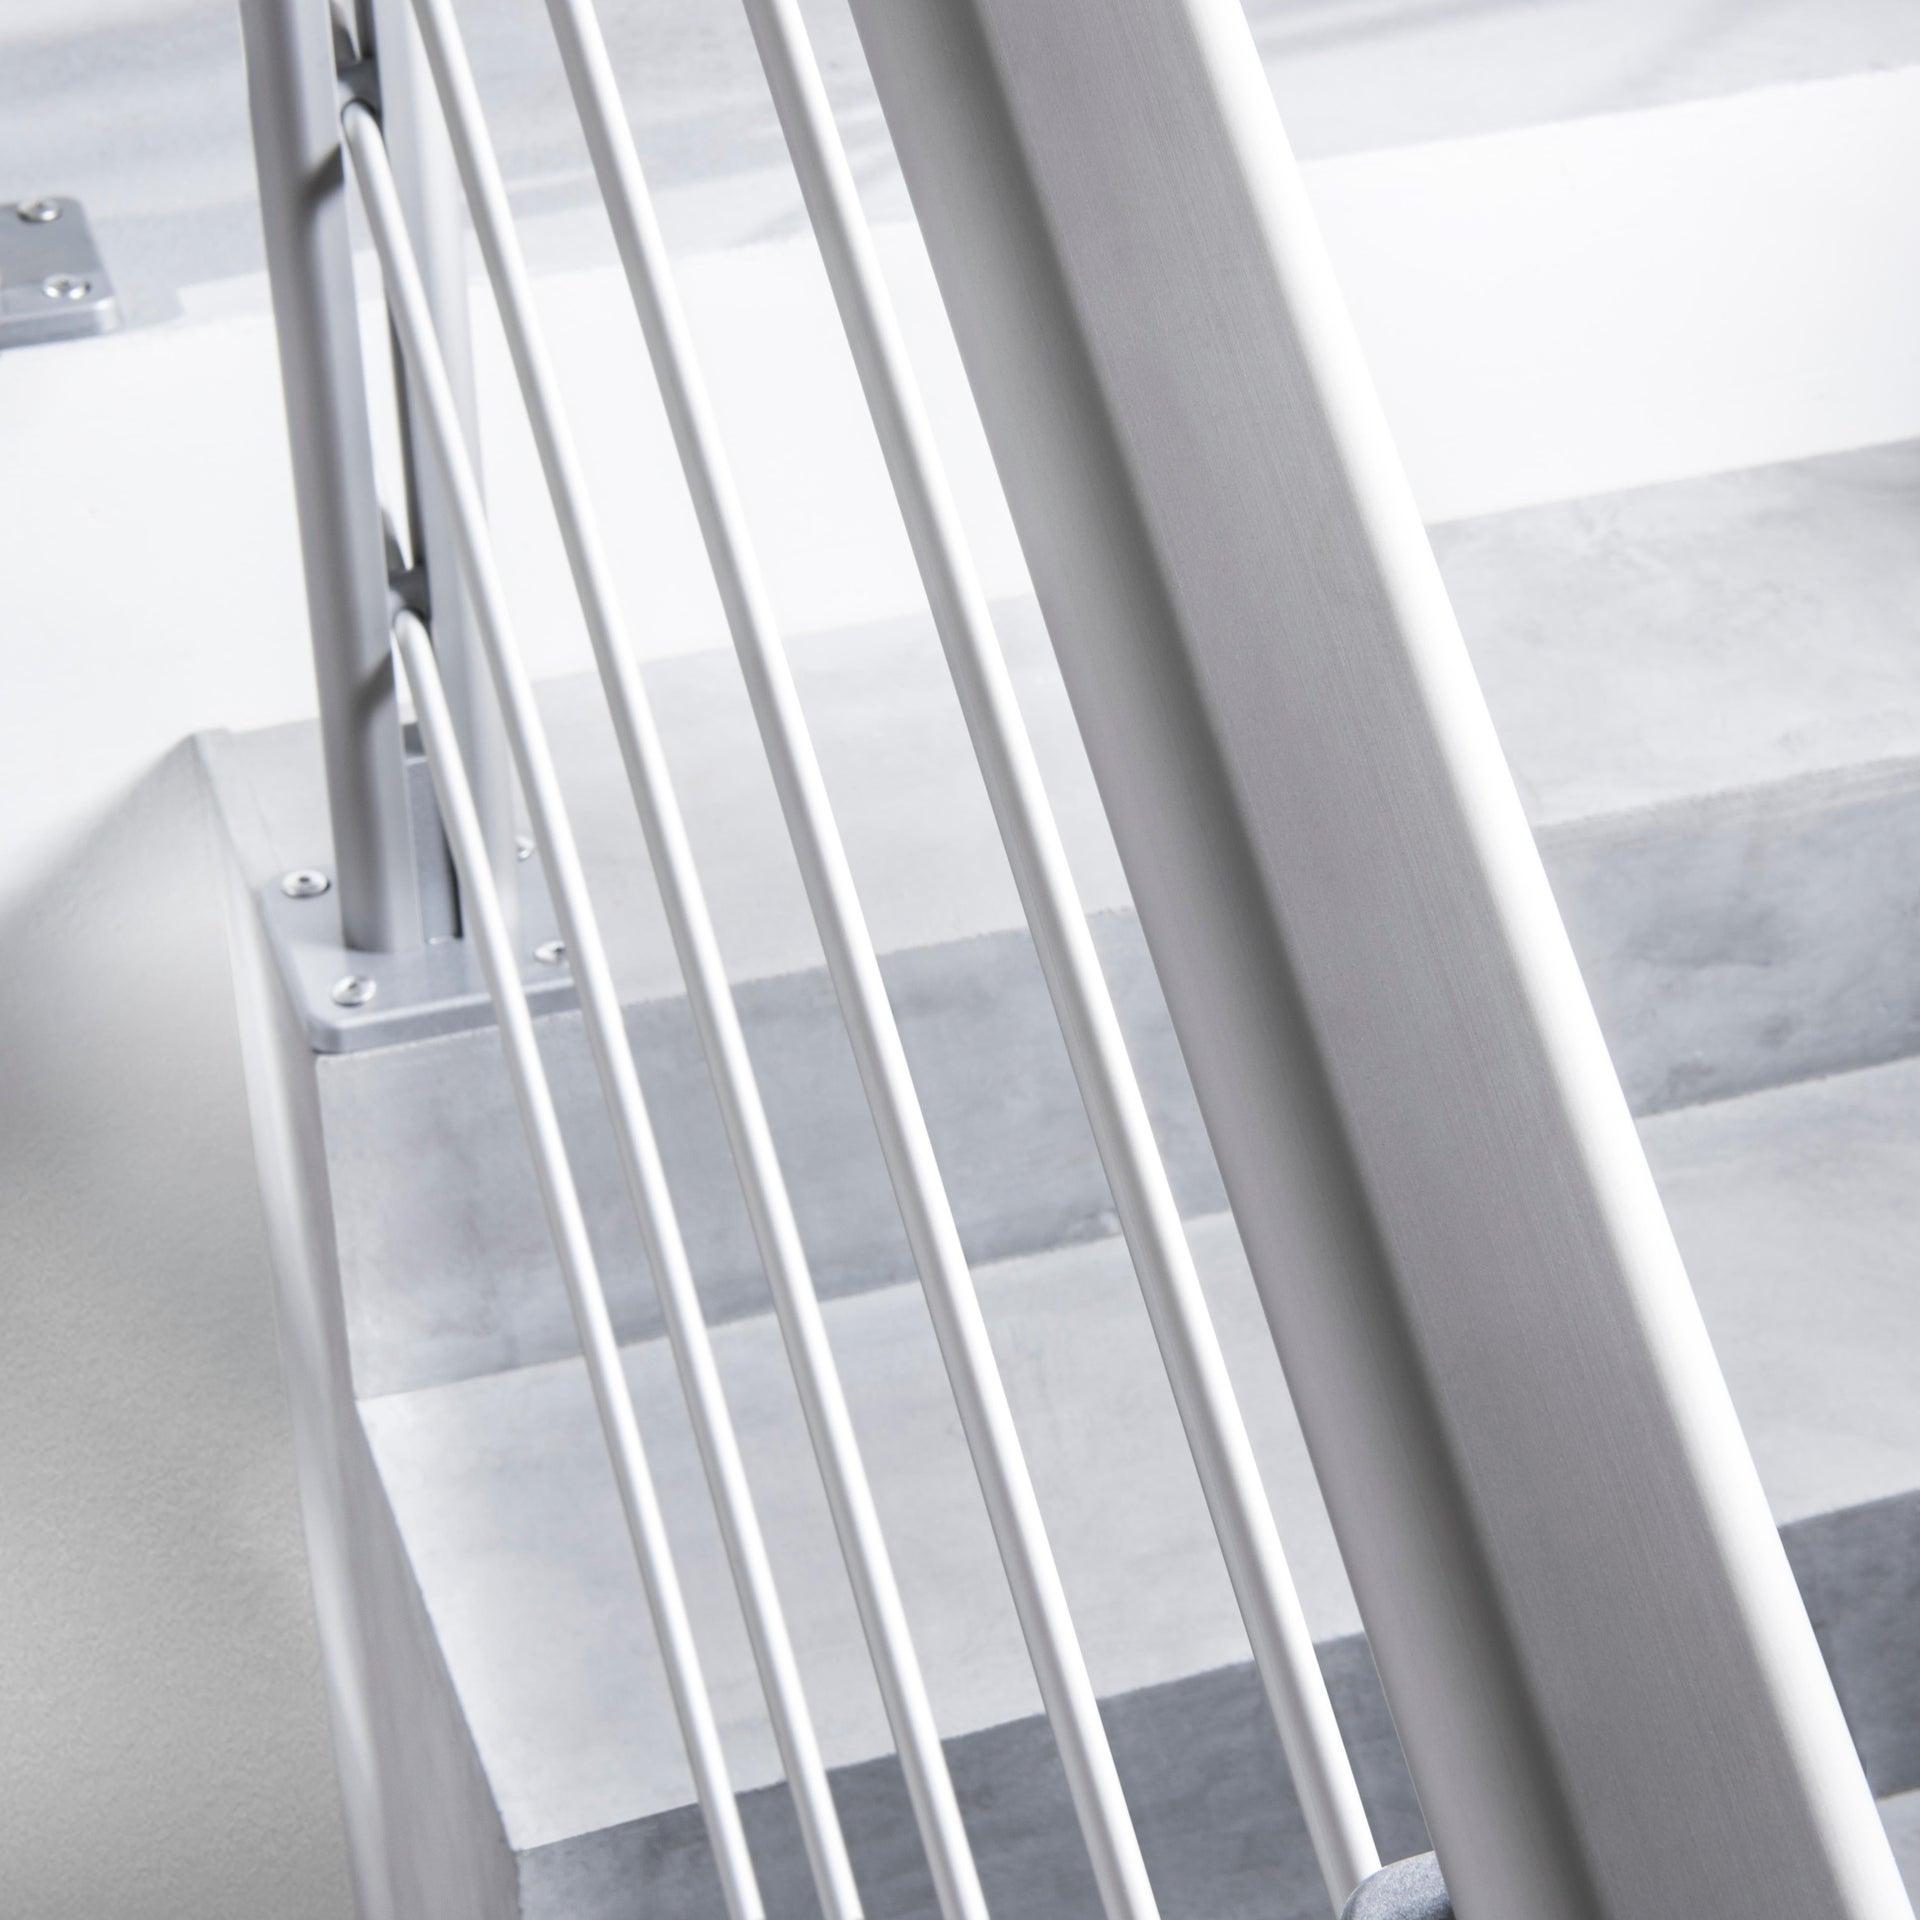 Balaustra ARTENS in alluminio L 200 x H 100 cm grigio - 8